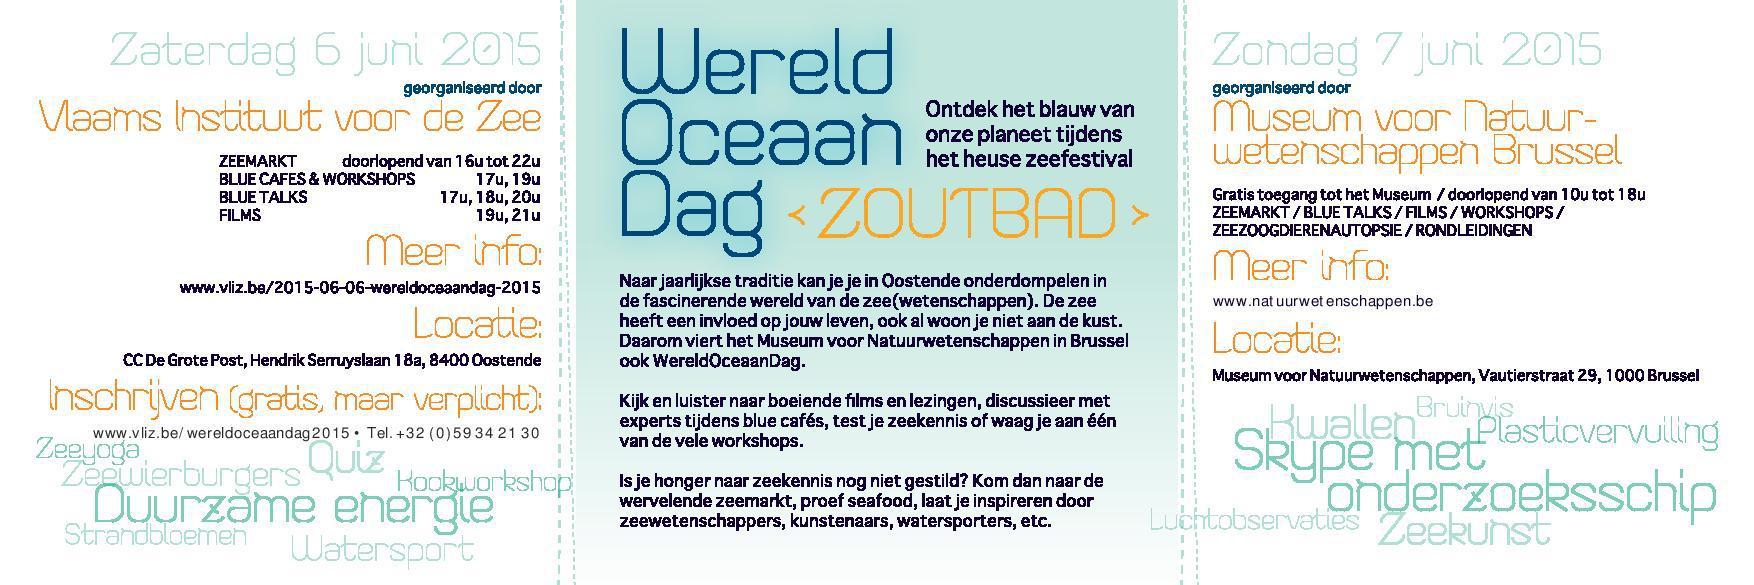 Uitnodiging Wereld Oceaan Dag 2015 B